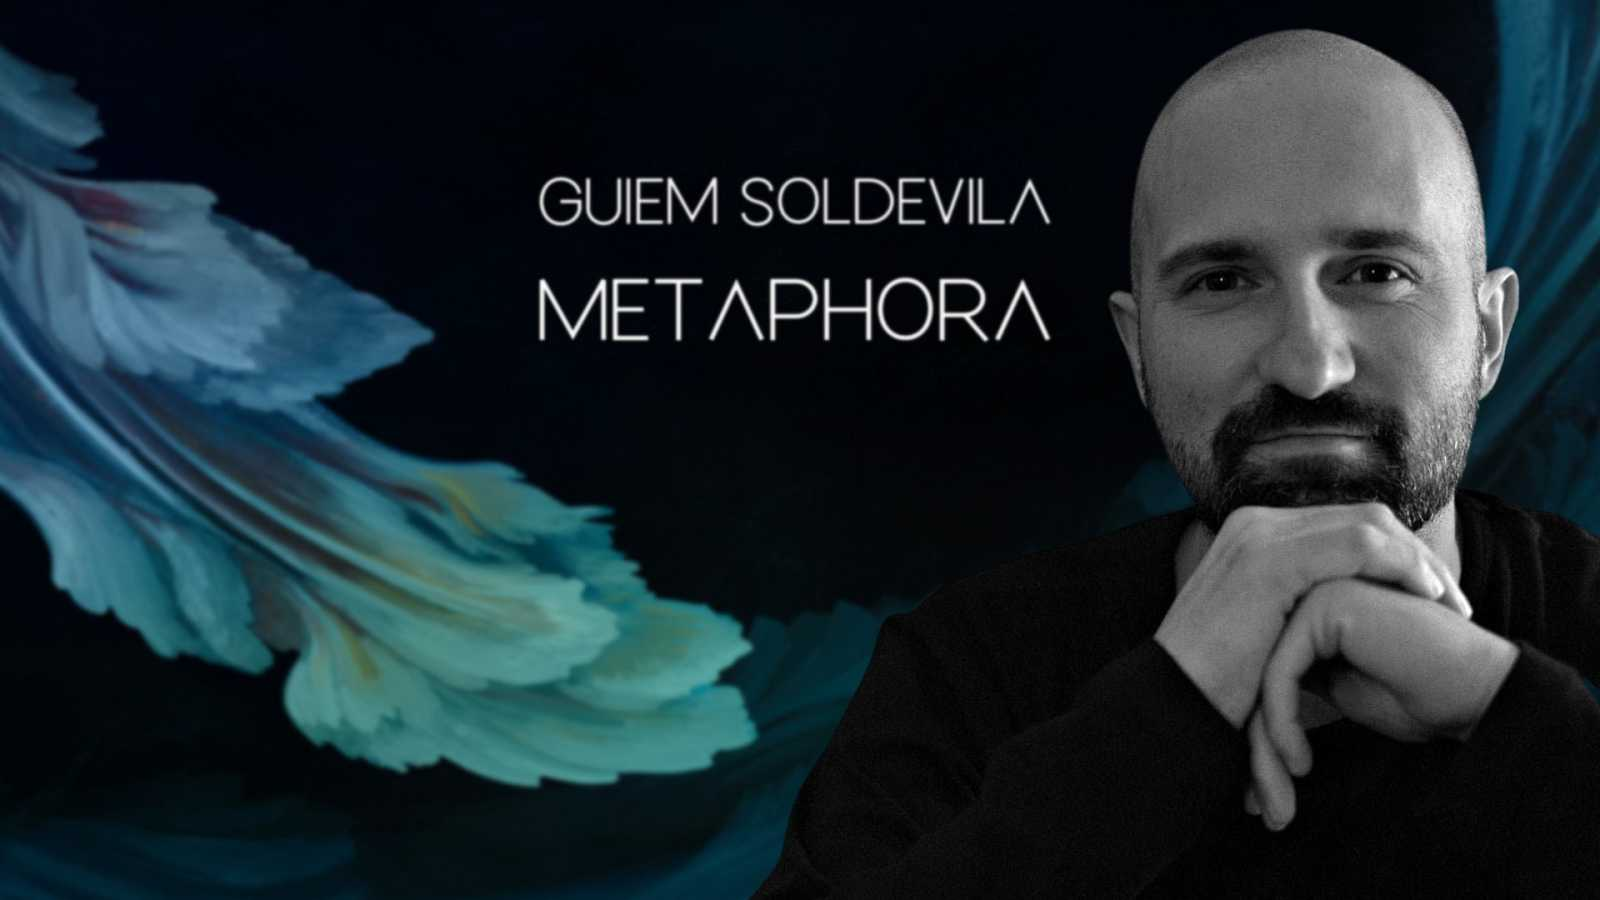 Actualidad cultural - 'Metaphora', un disco oceánico de Guiem Soldevila - 10/04/21 - escuchar ahora